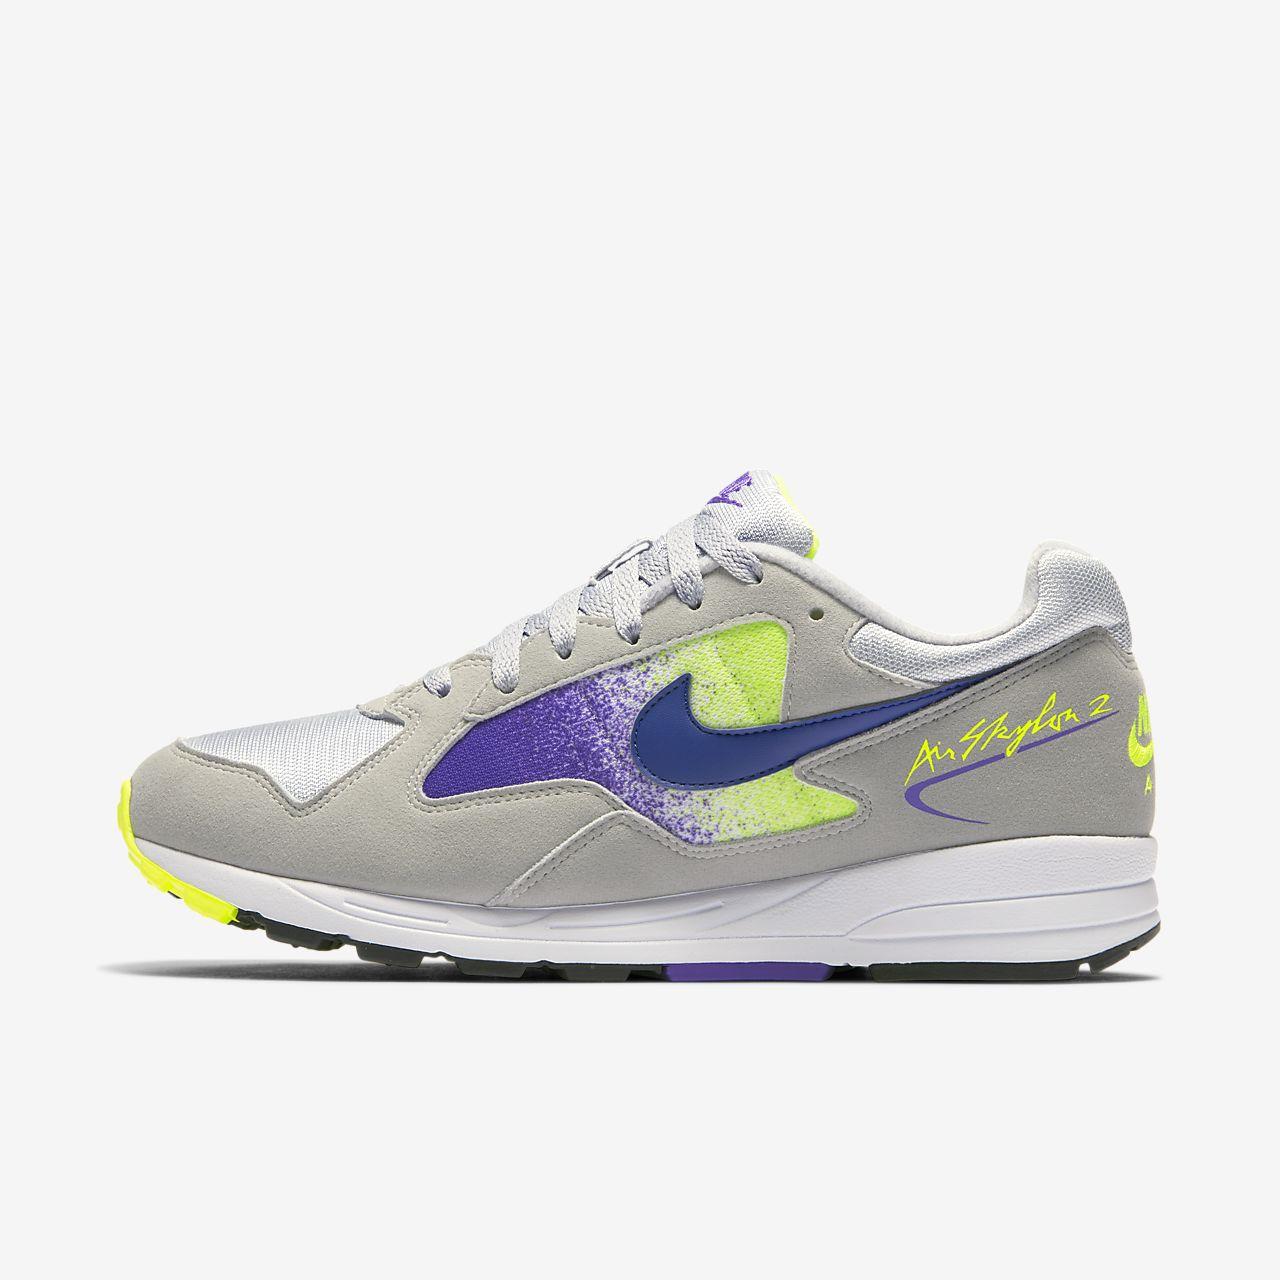 Sapatilhas Nike Air Skylon II para homem